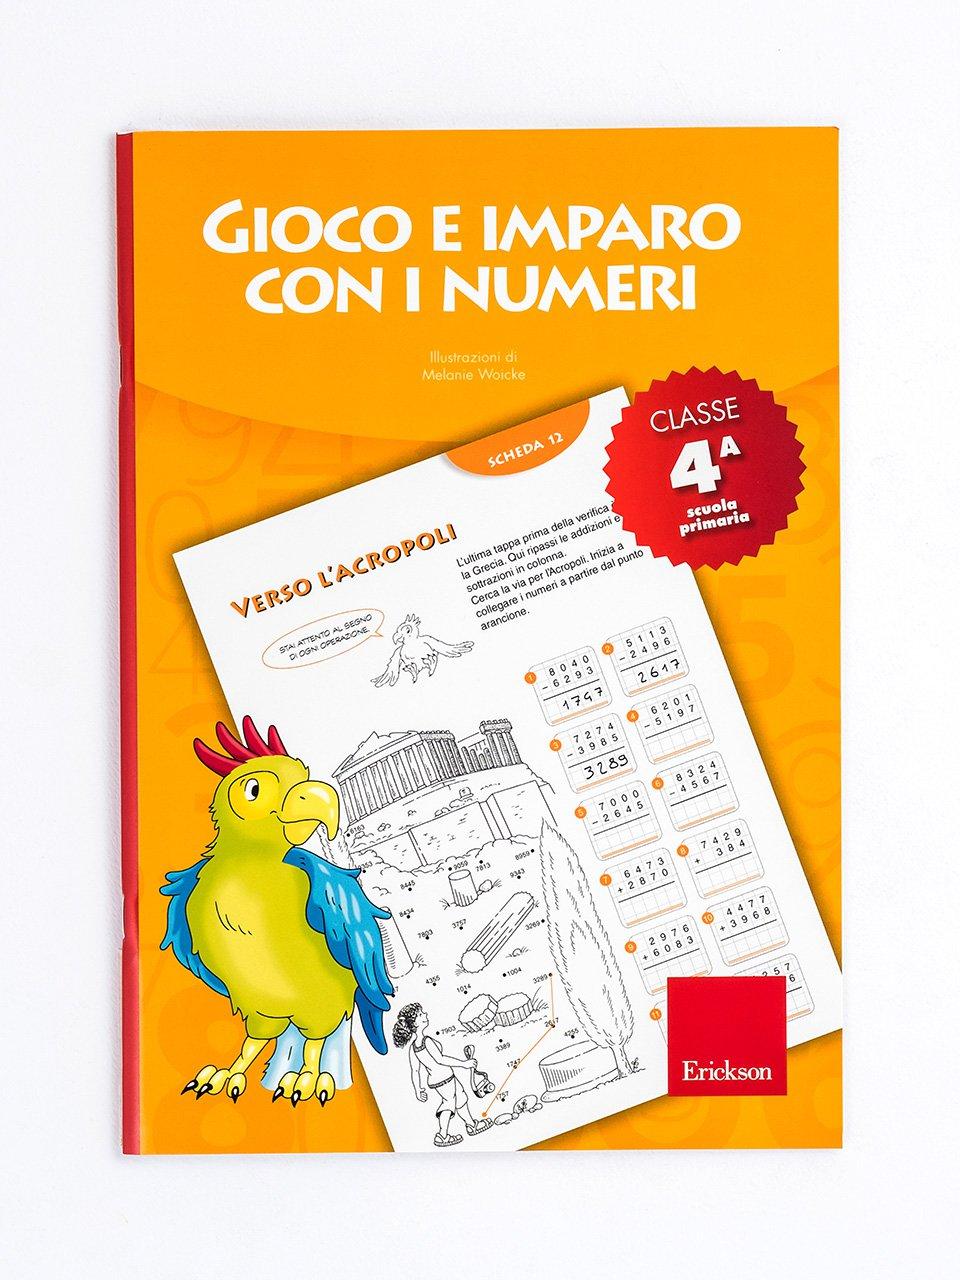 Gioco e imparo con i numeri - CLASSE QUARTA - Le proposte Erickson per i compiti-delle-vacanze - Erickson